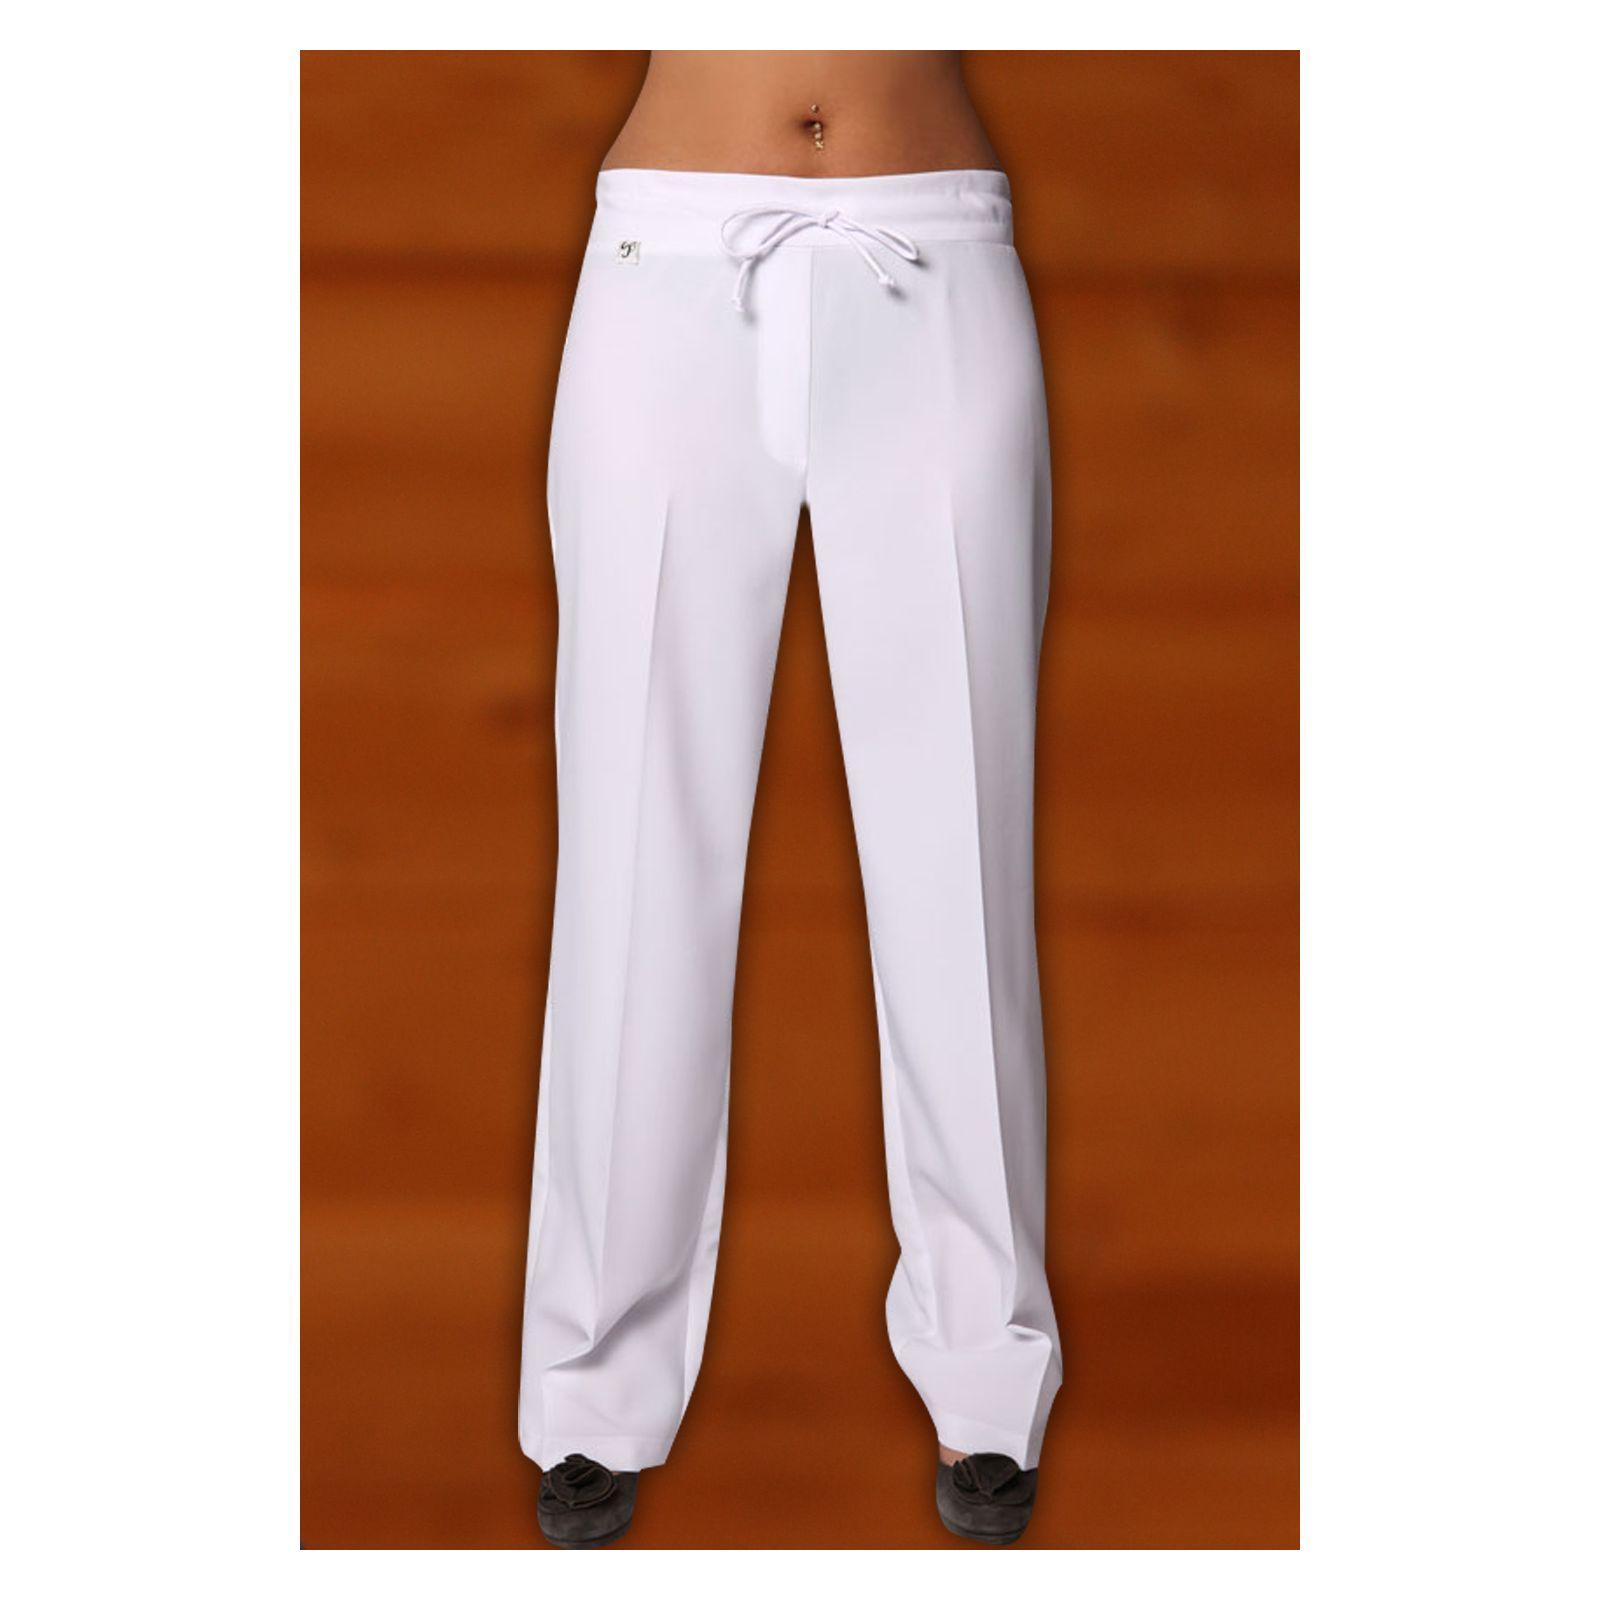 Pantalon médical femme, Les Secrets du Style (1080)